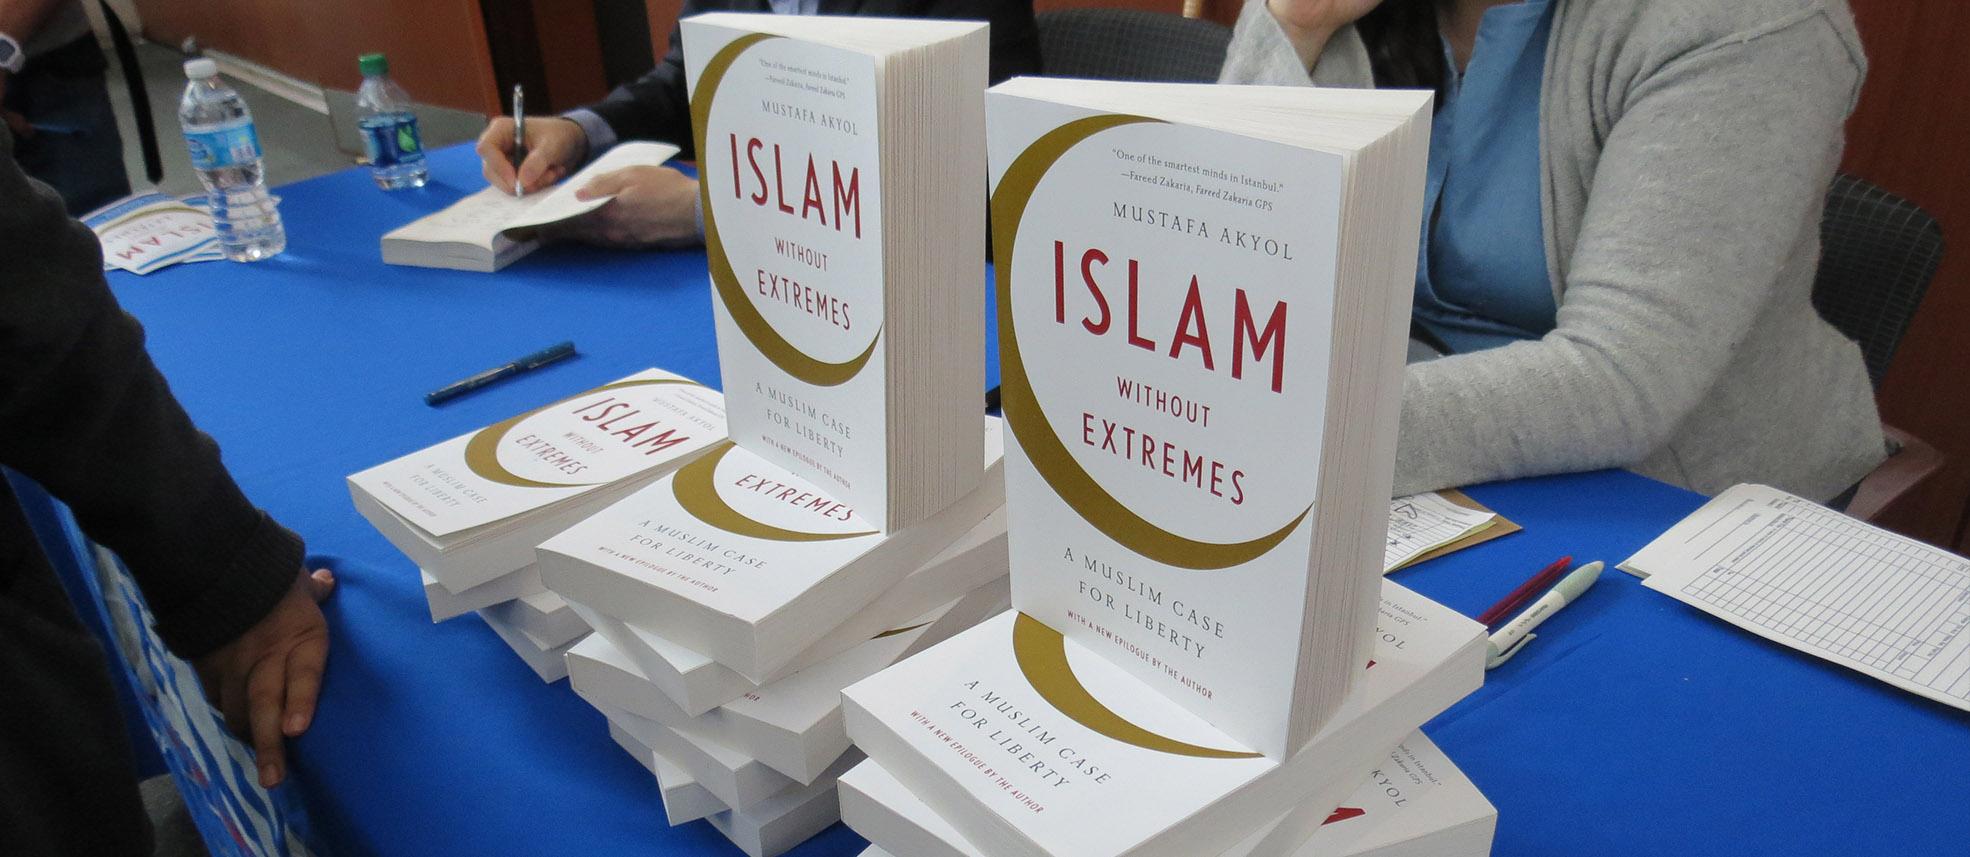 bg_islam